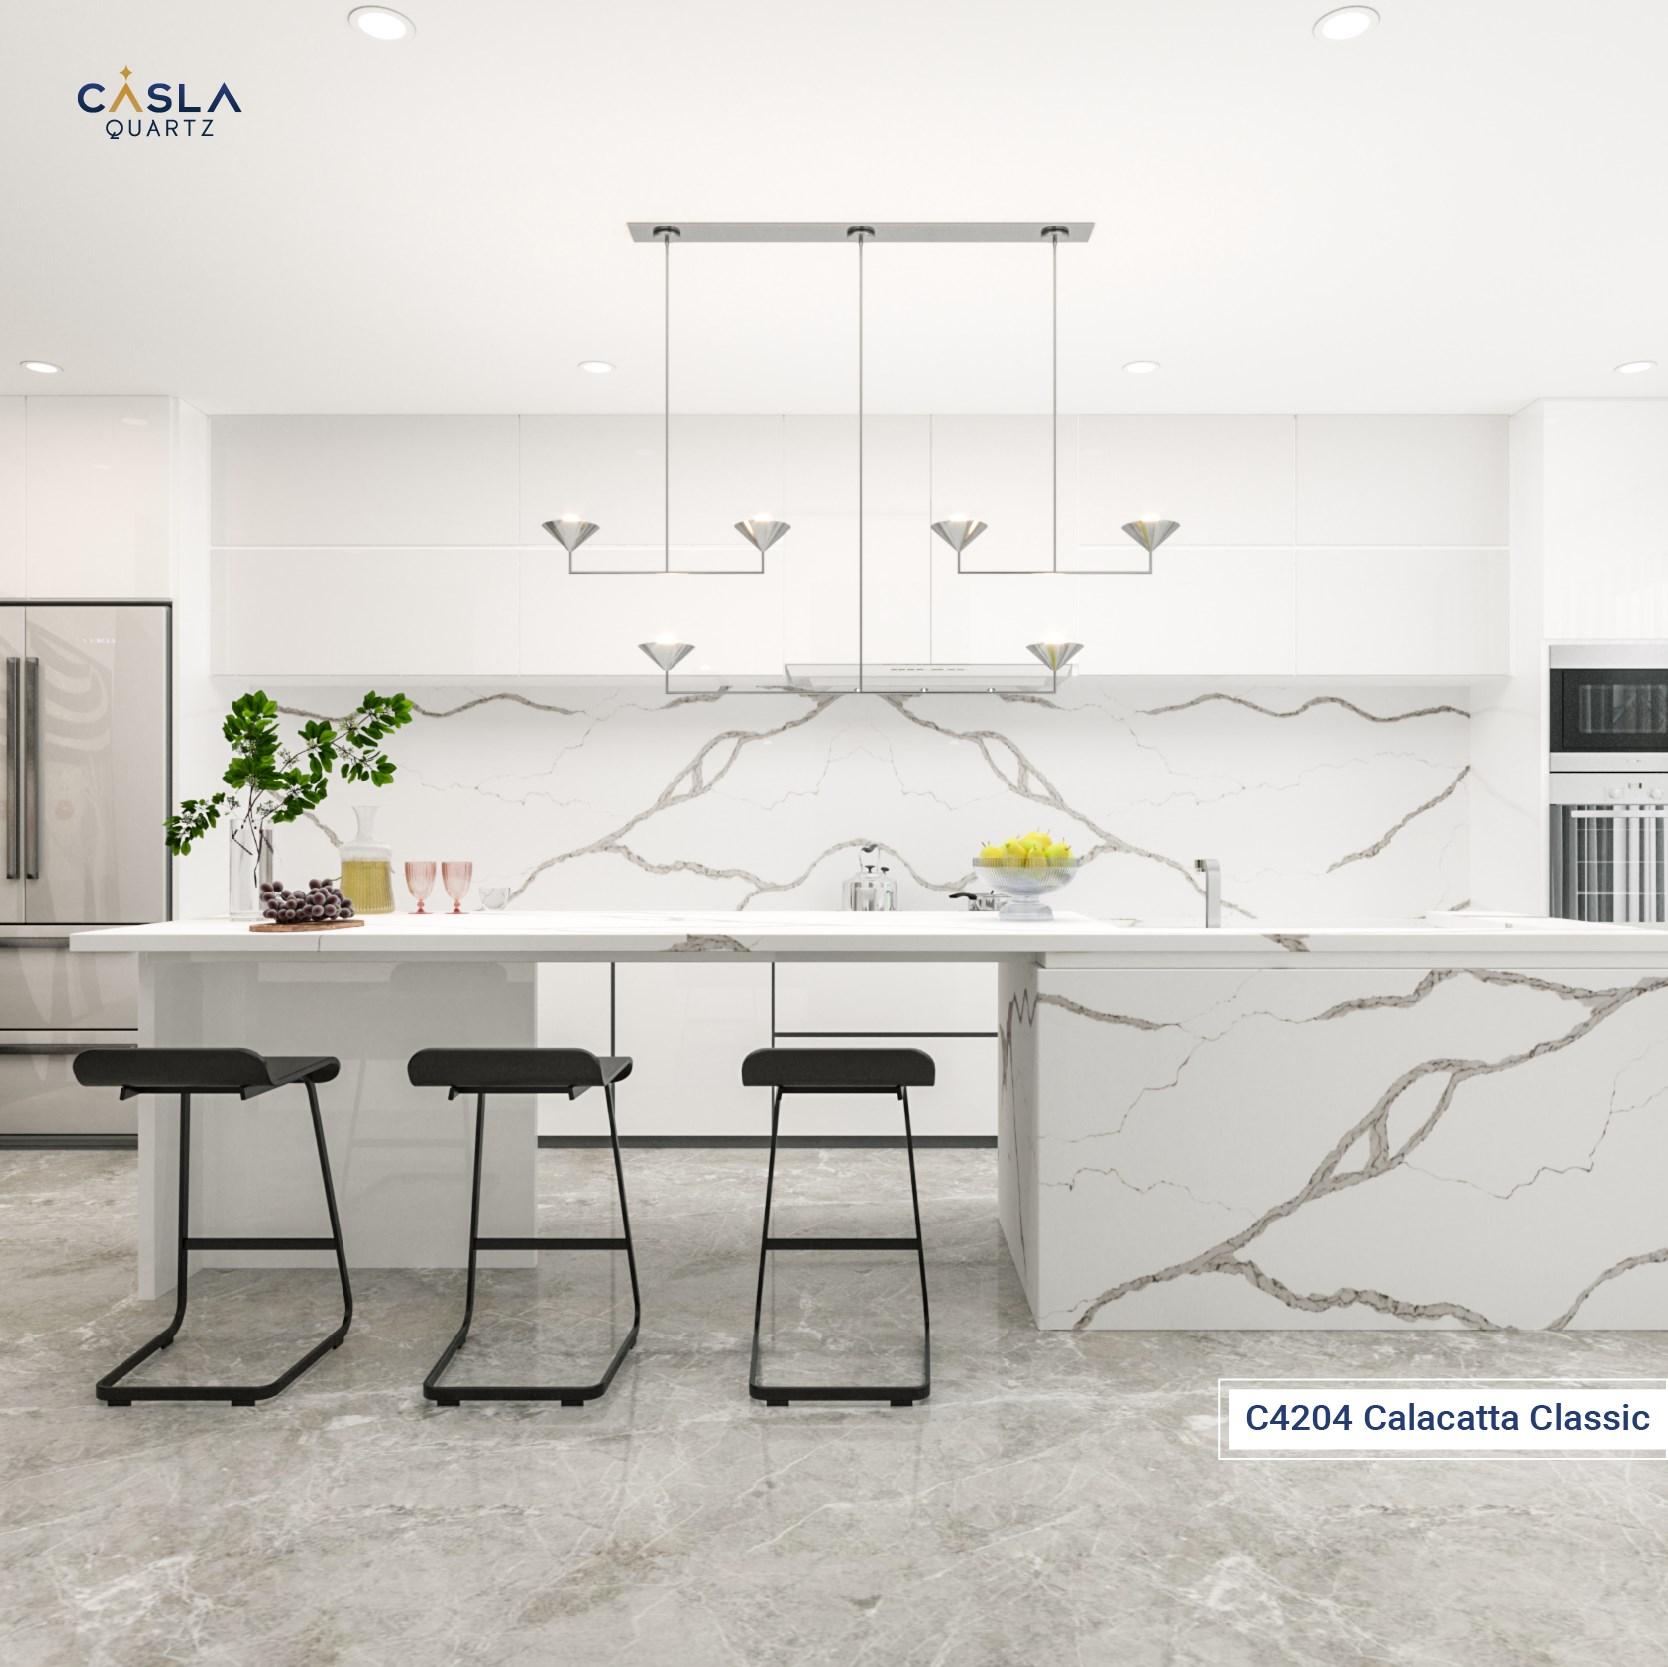 Bước đi chiến lược của Caslaquartz trong thị trường đá thạch anh nhân tạo